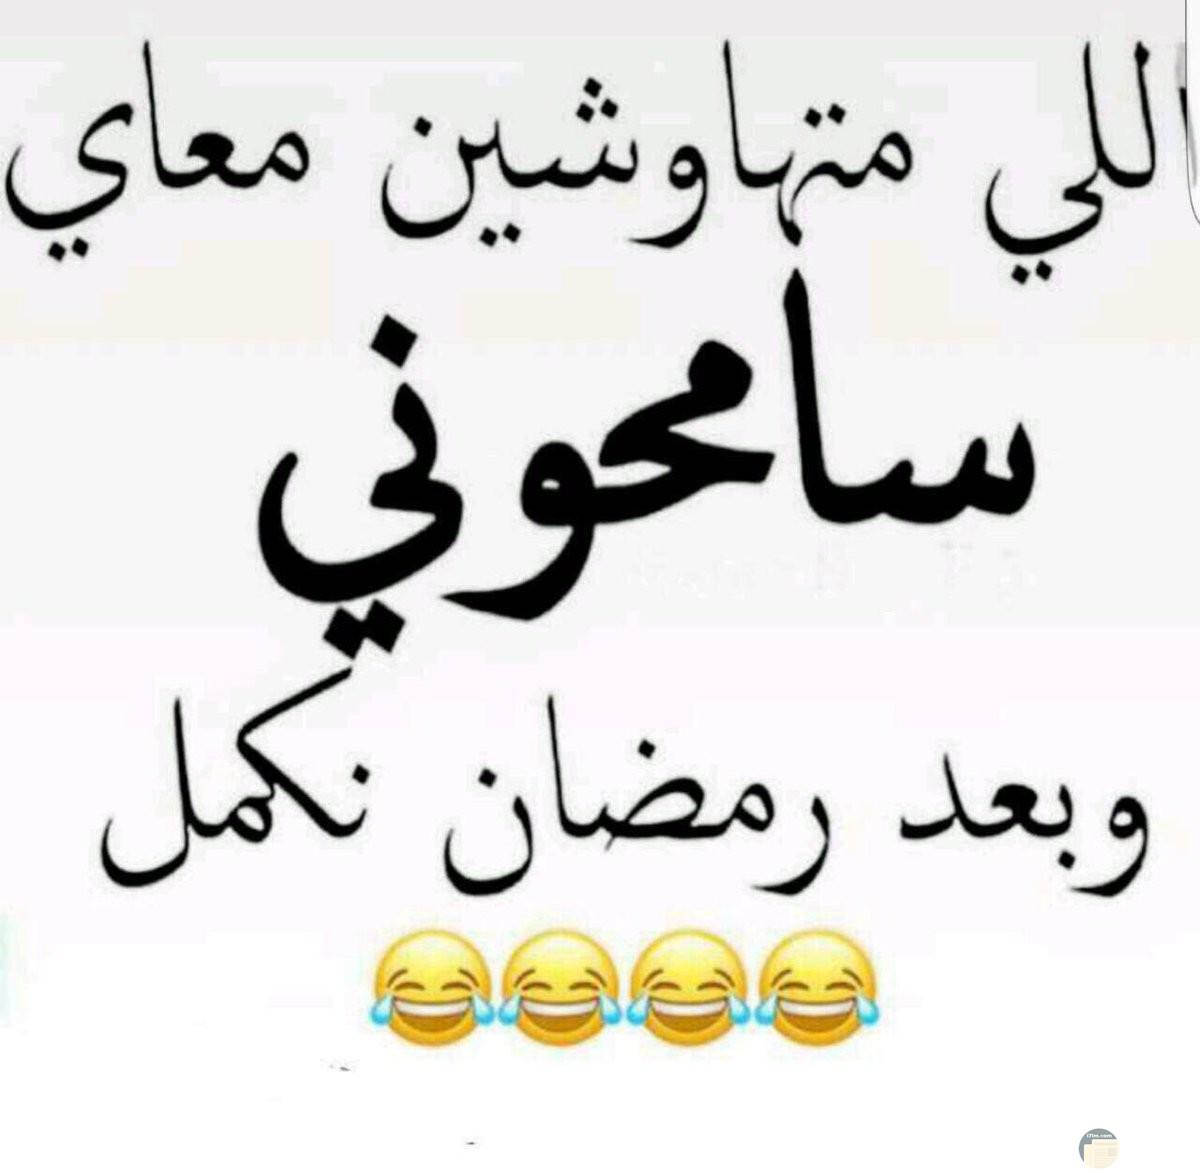 اللي متهاوشين معاي سامحونى وبعد رمضان نكمل